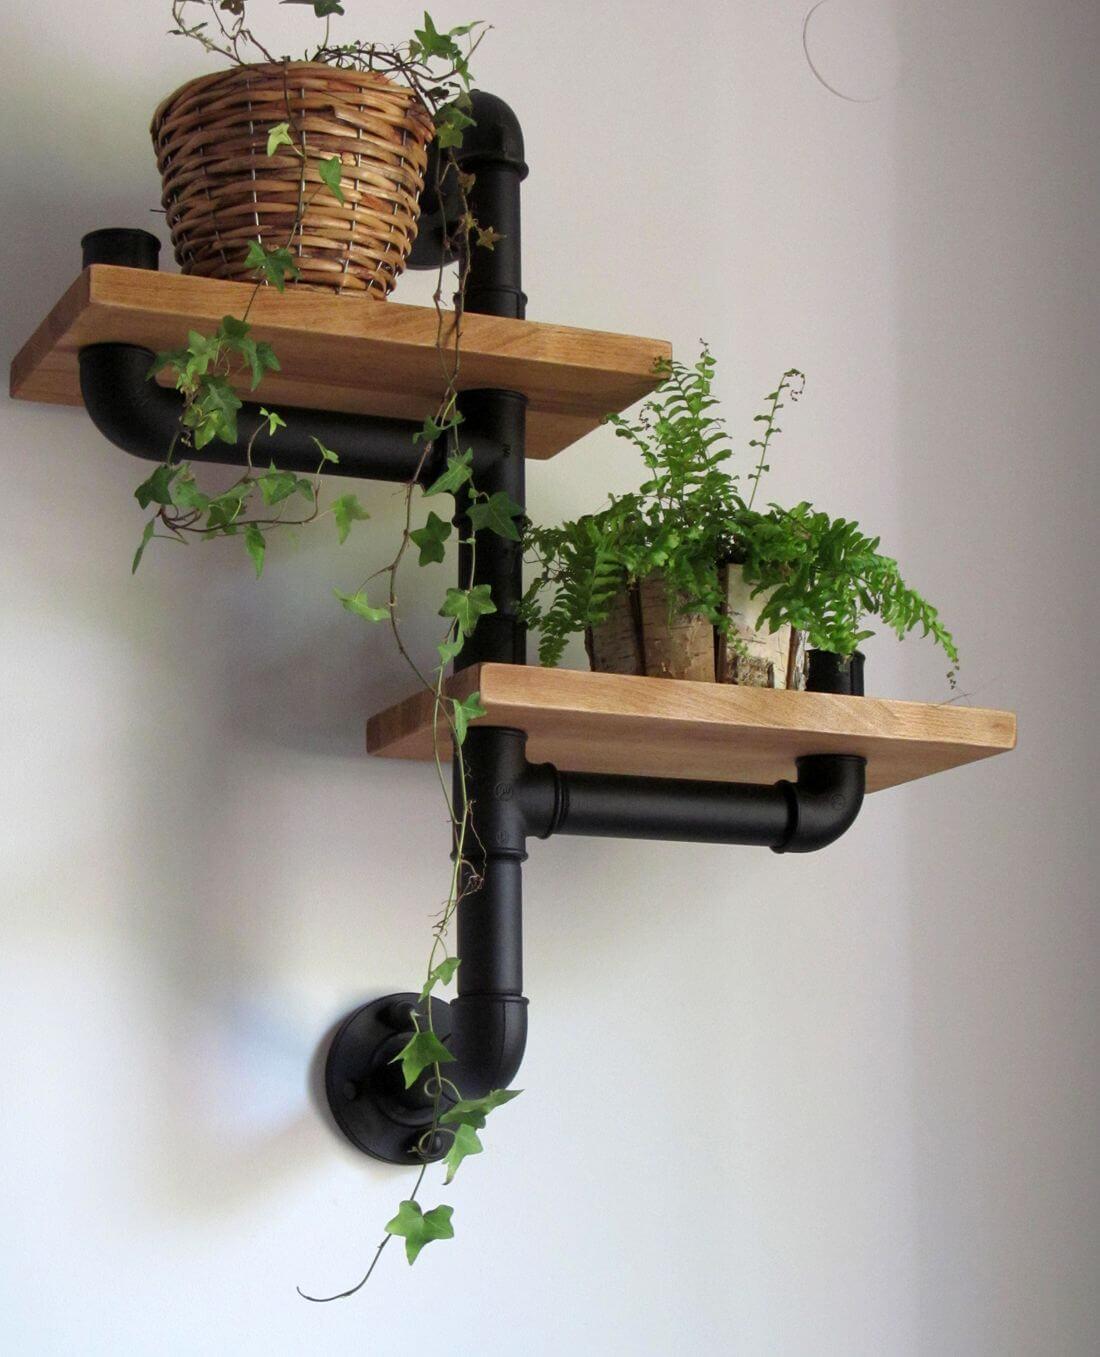 Półka industrialna na rośliny z rur hydraulicznych oraz drewna pomalowana na czarno w stylu drobnej struktury